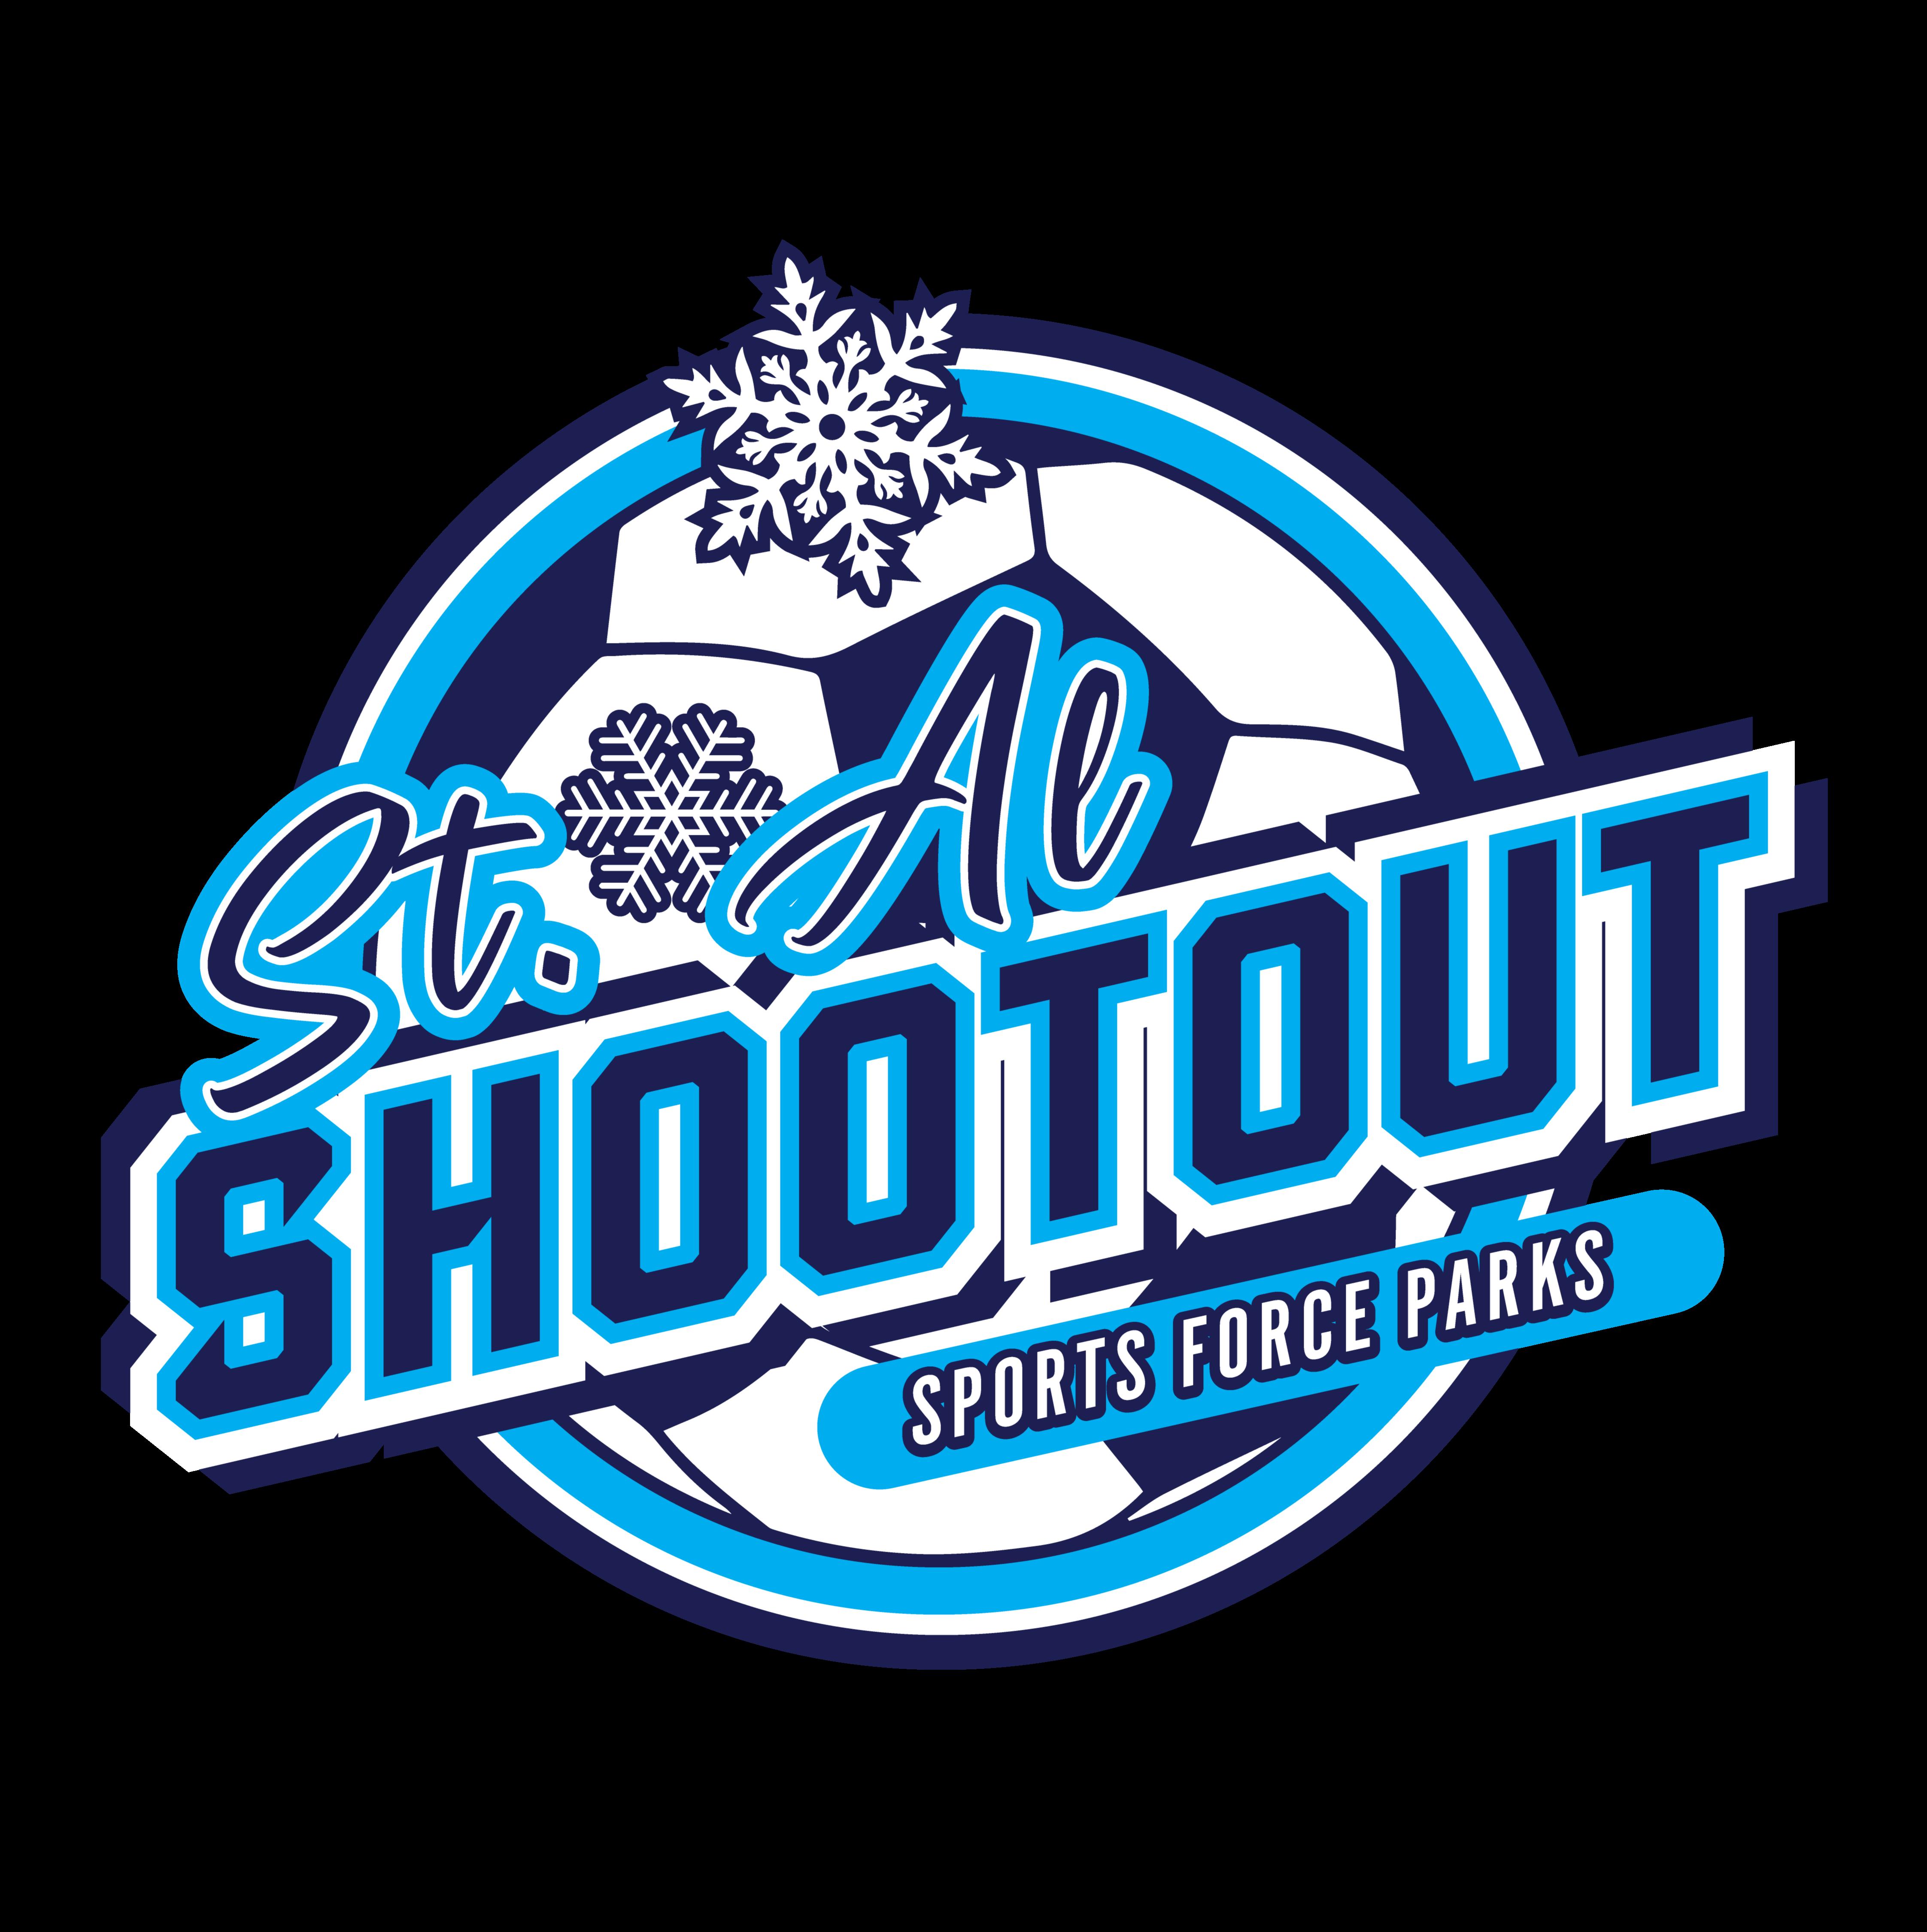 St Al Shoot Out